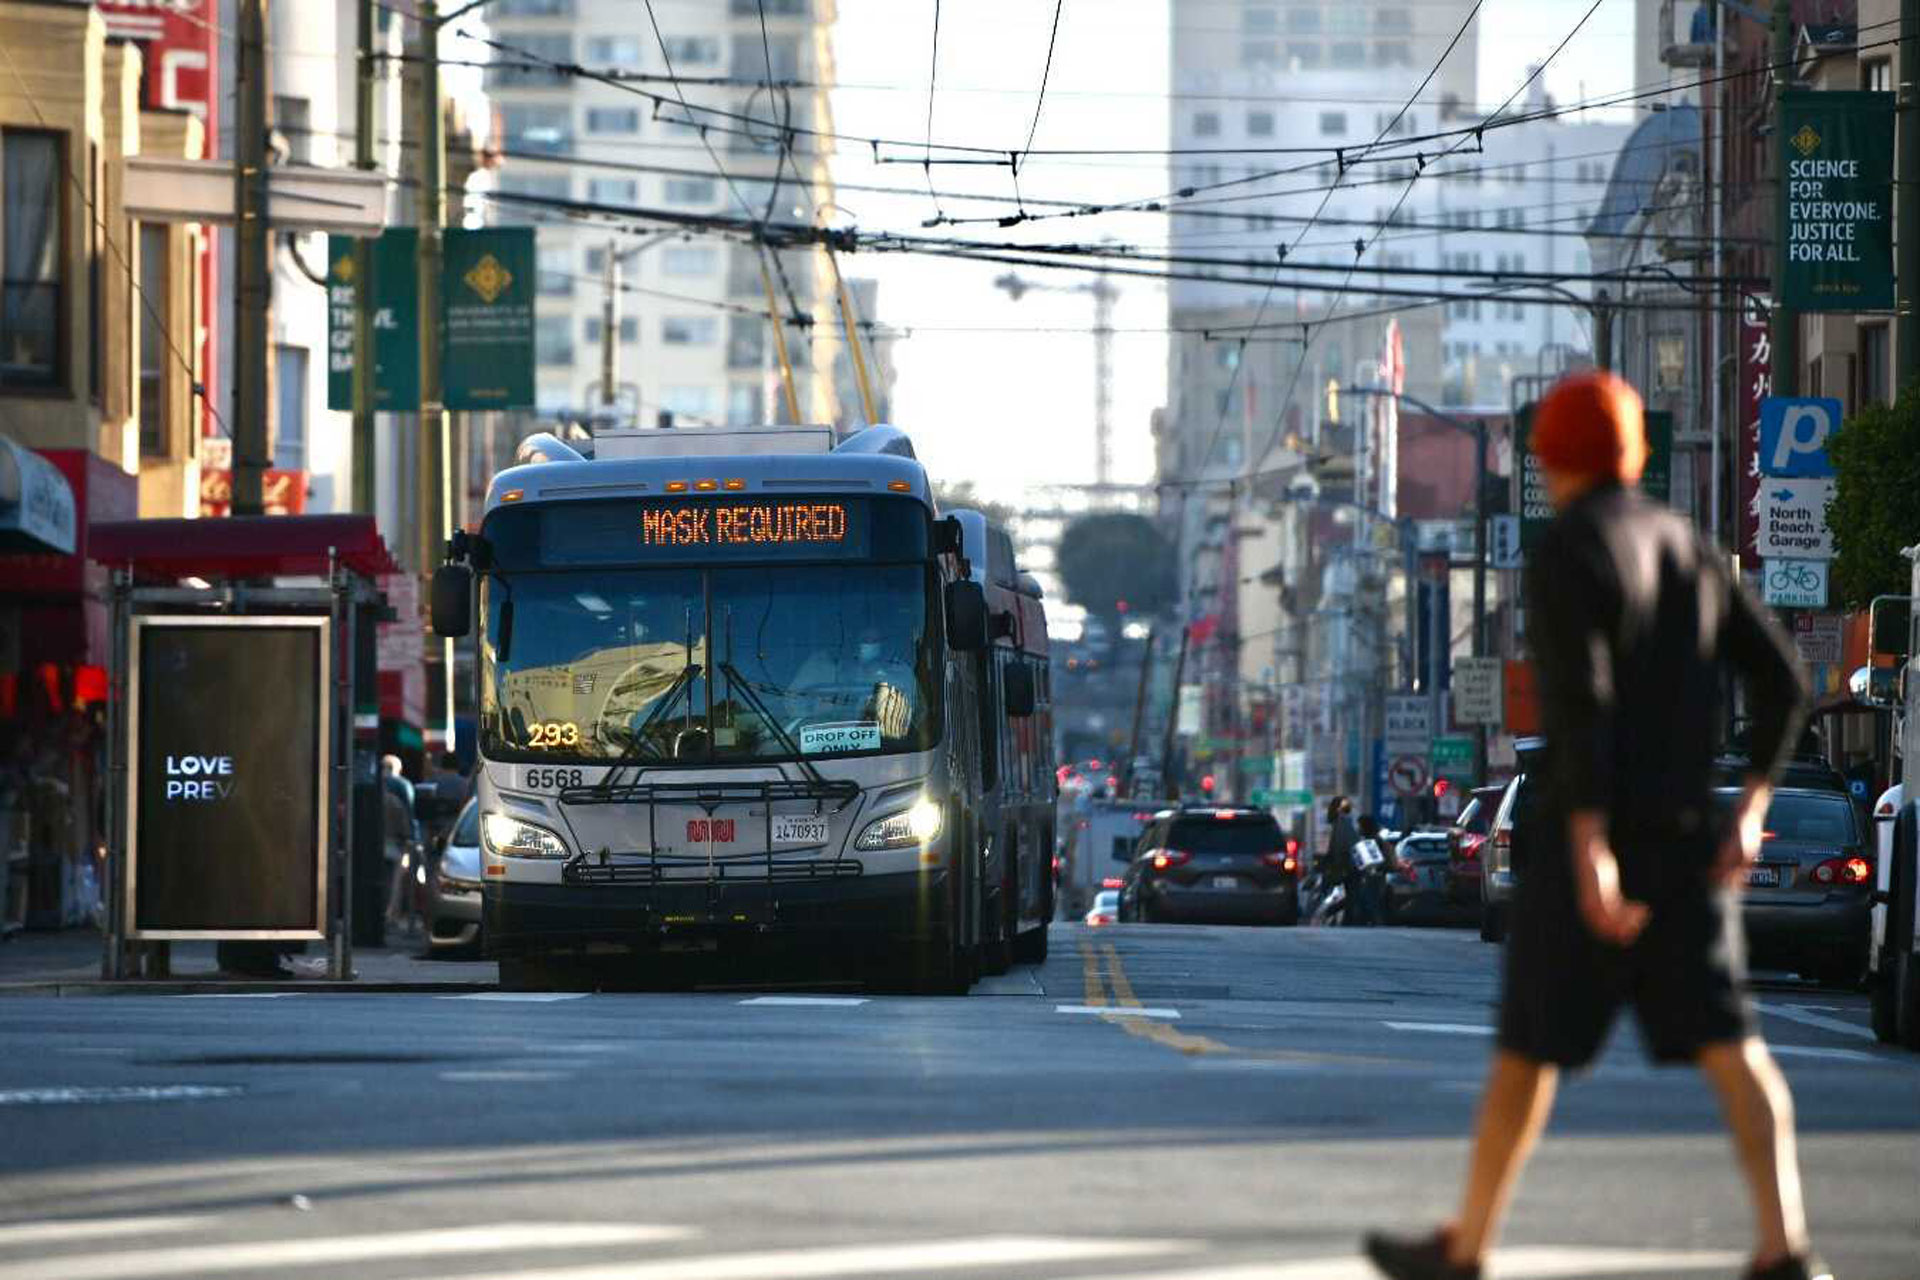 Pedestrian walks in North Beach, bus in the background